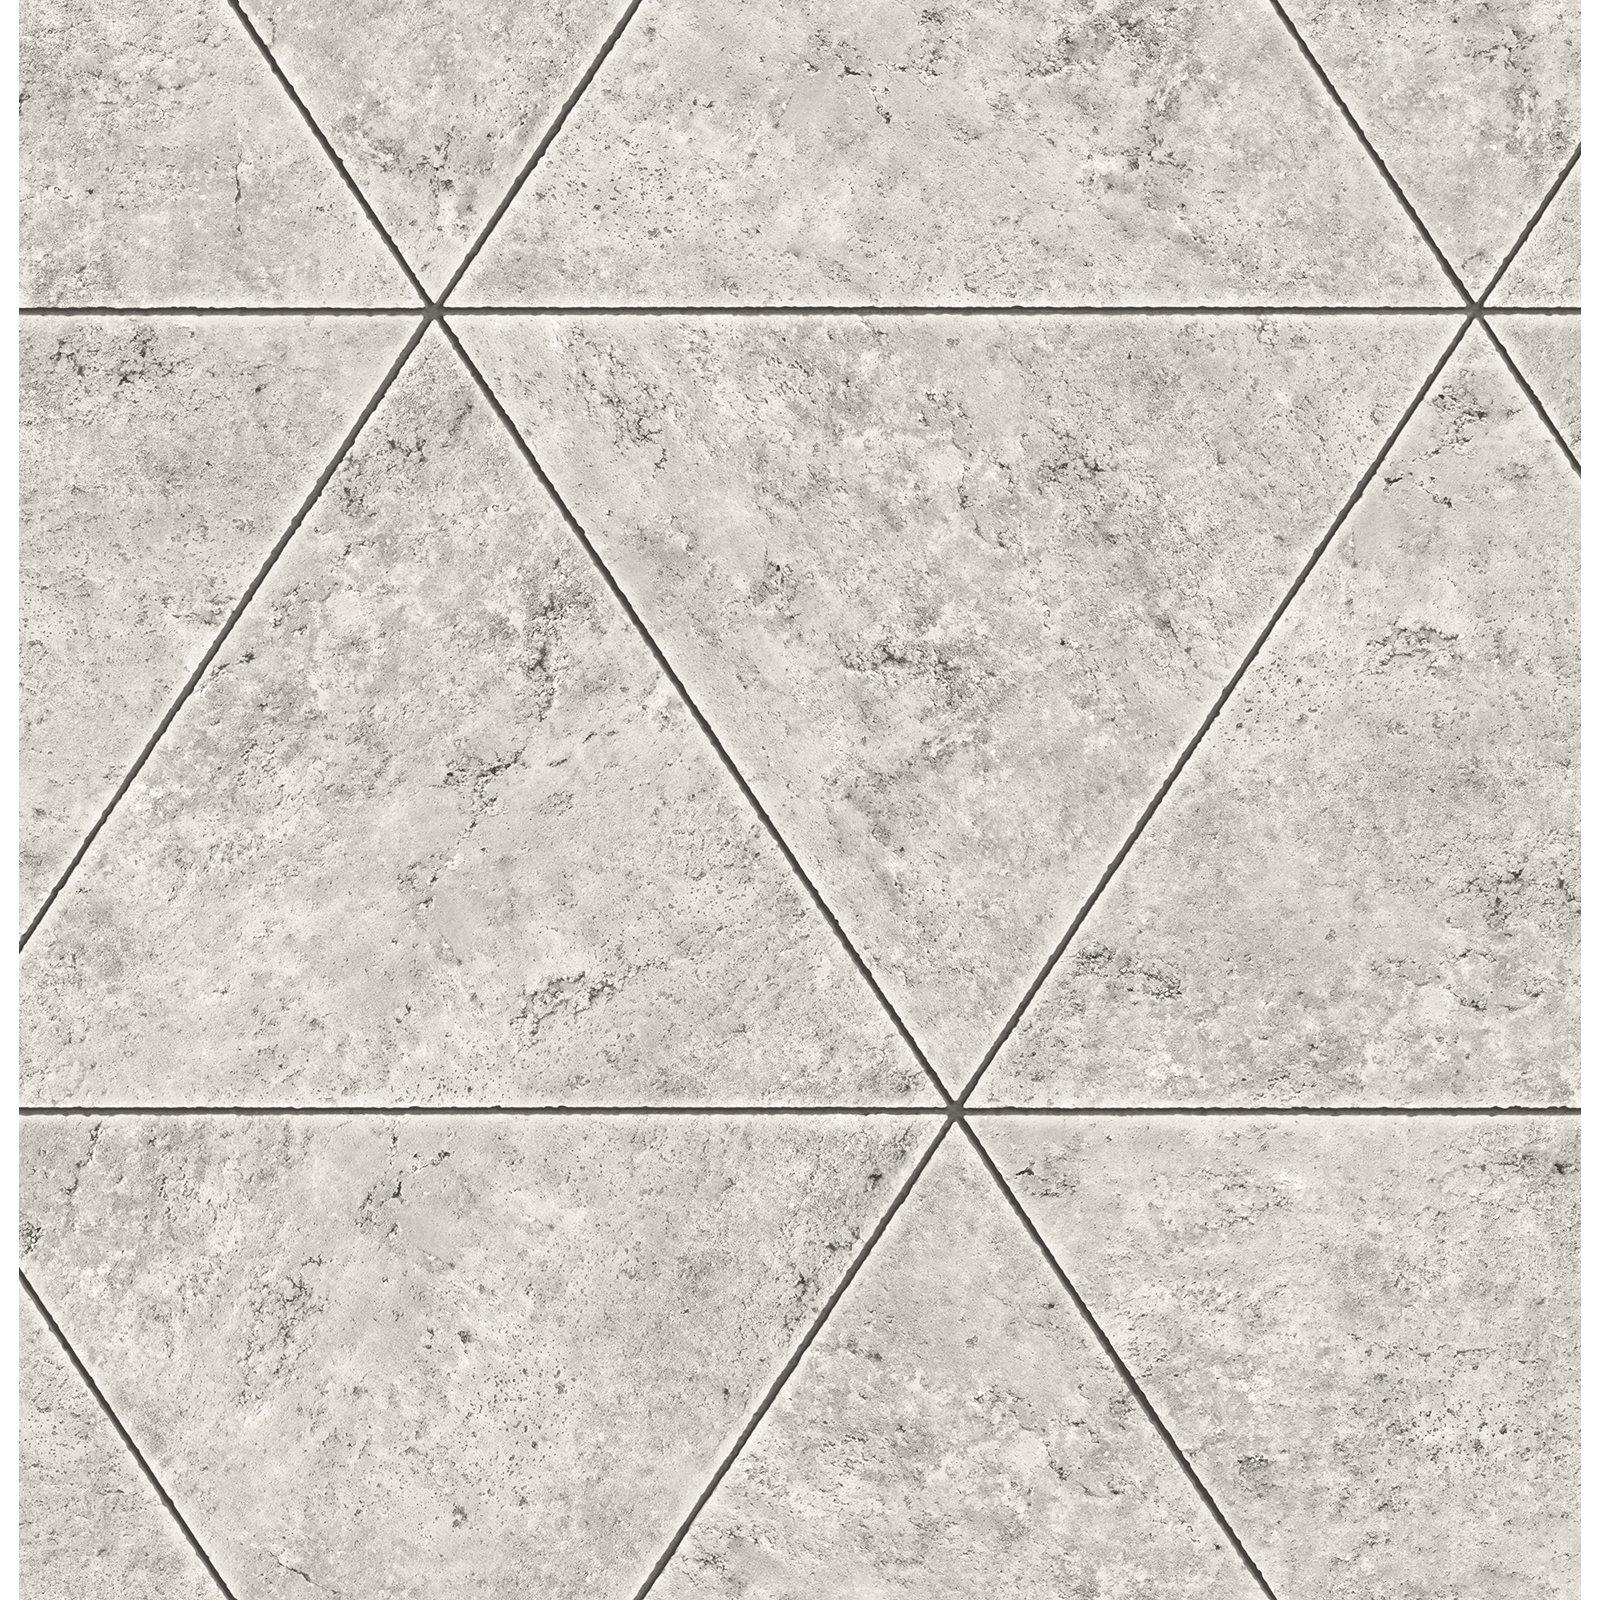 A-Street Prints Polished Concrete Geometric Wallpaper